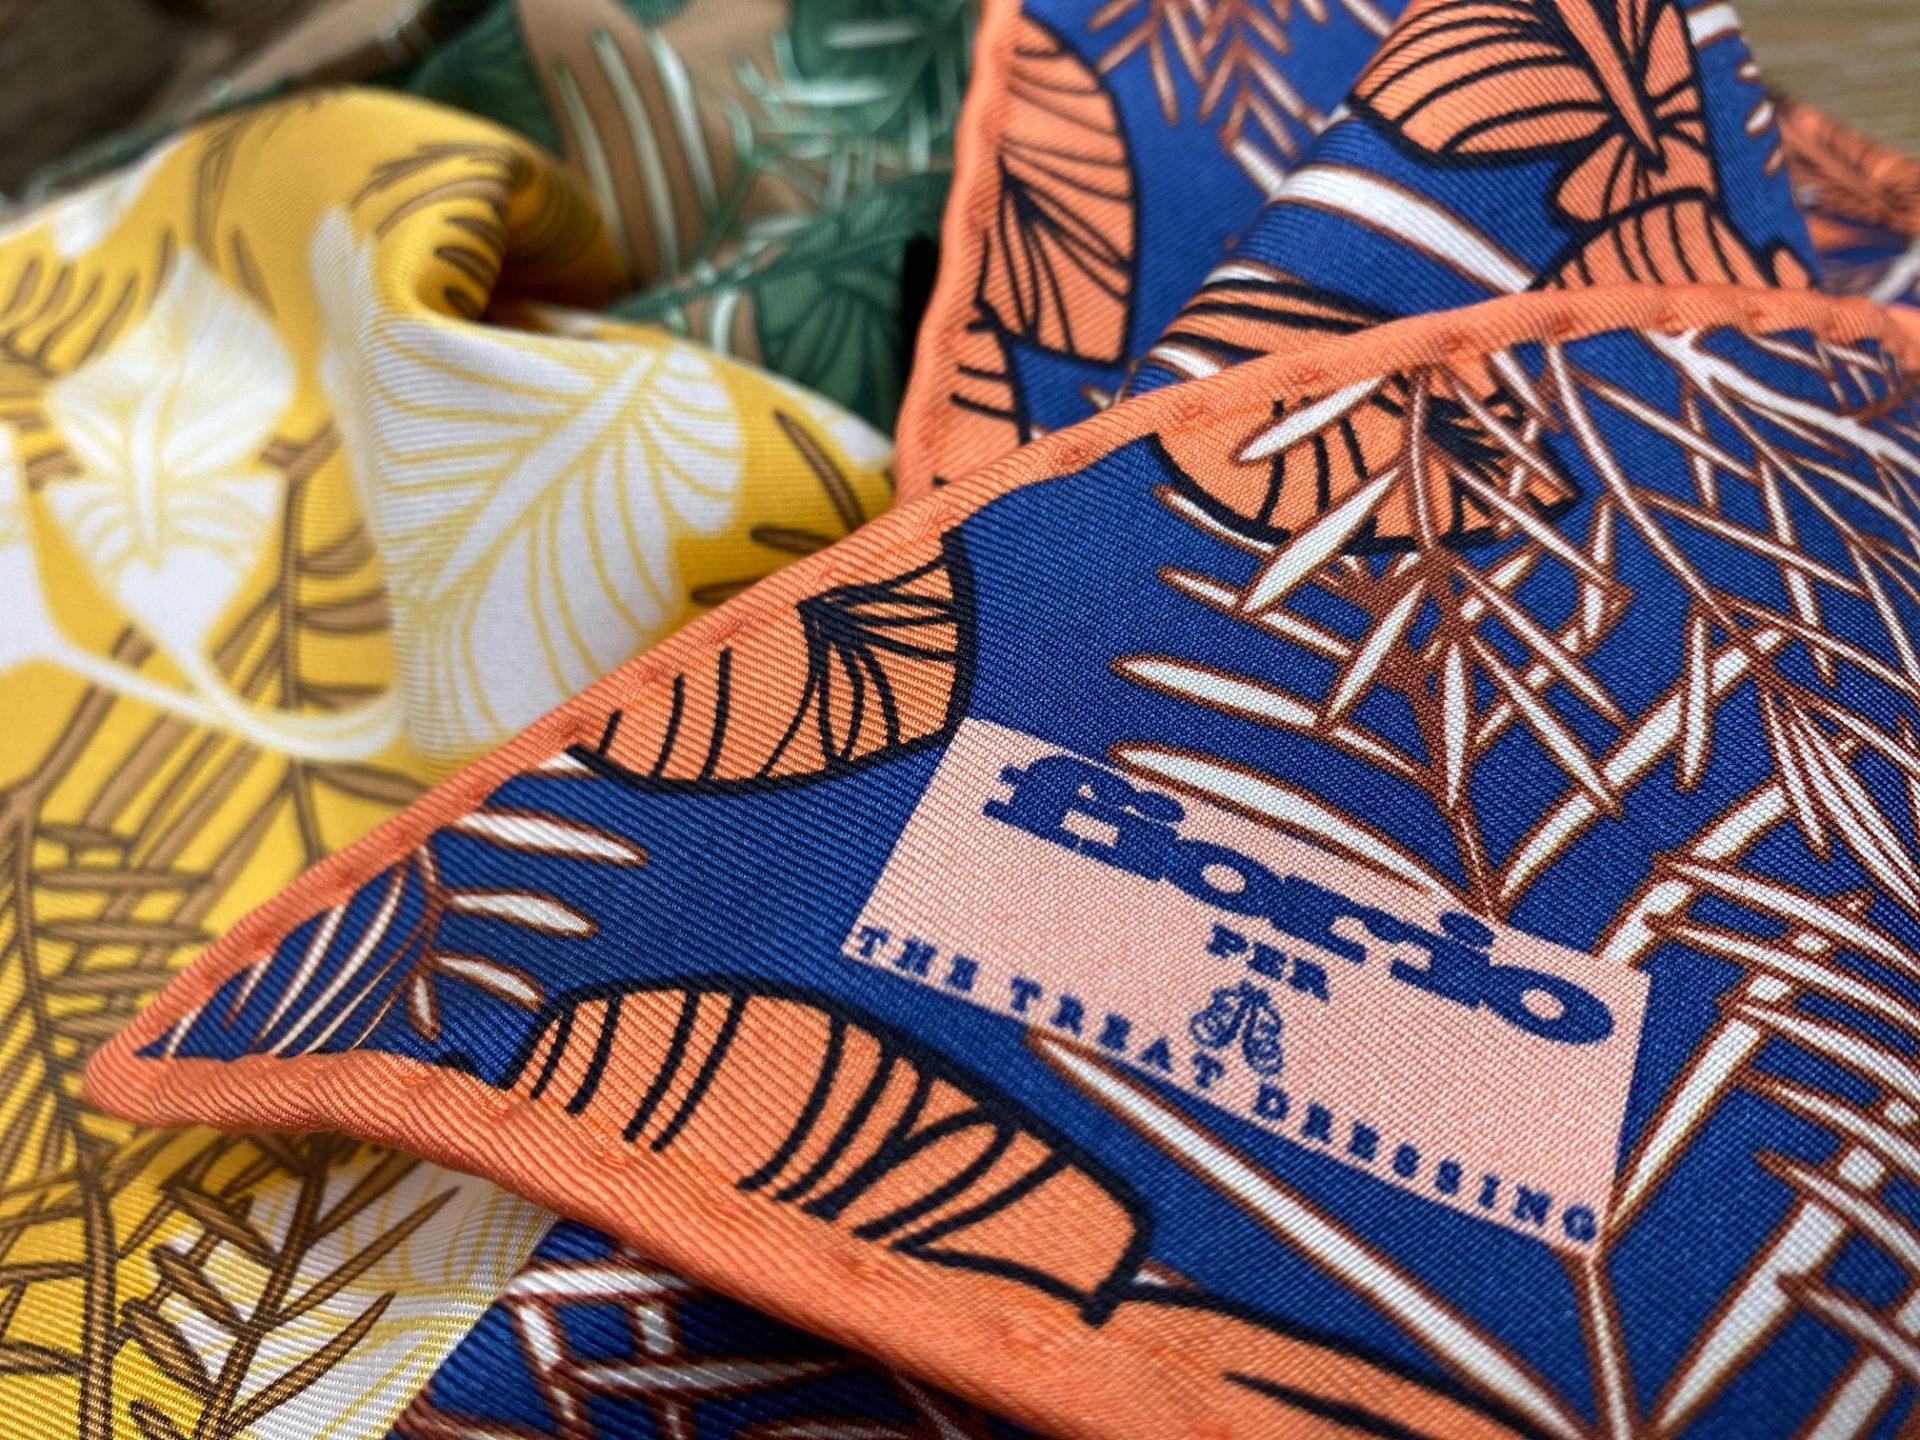 フォーチュンガーデン京都でお式を挙げられる方におすすめしたい華やかなボタニカル柄のフィオリオのストール